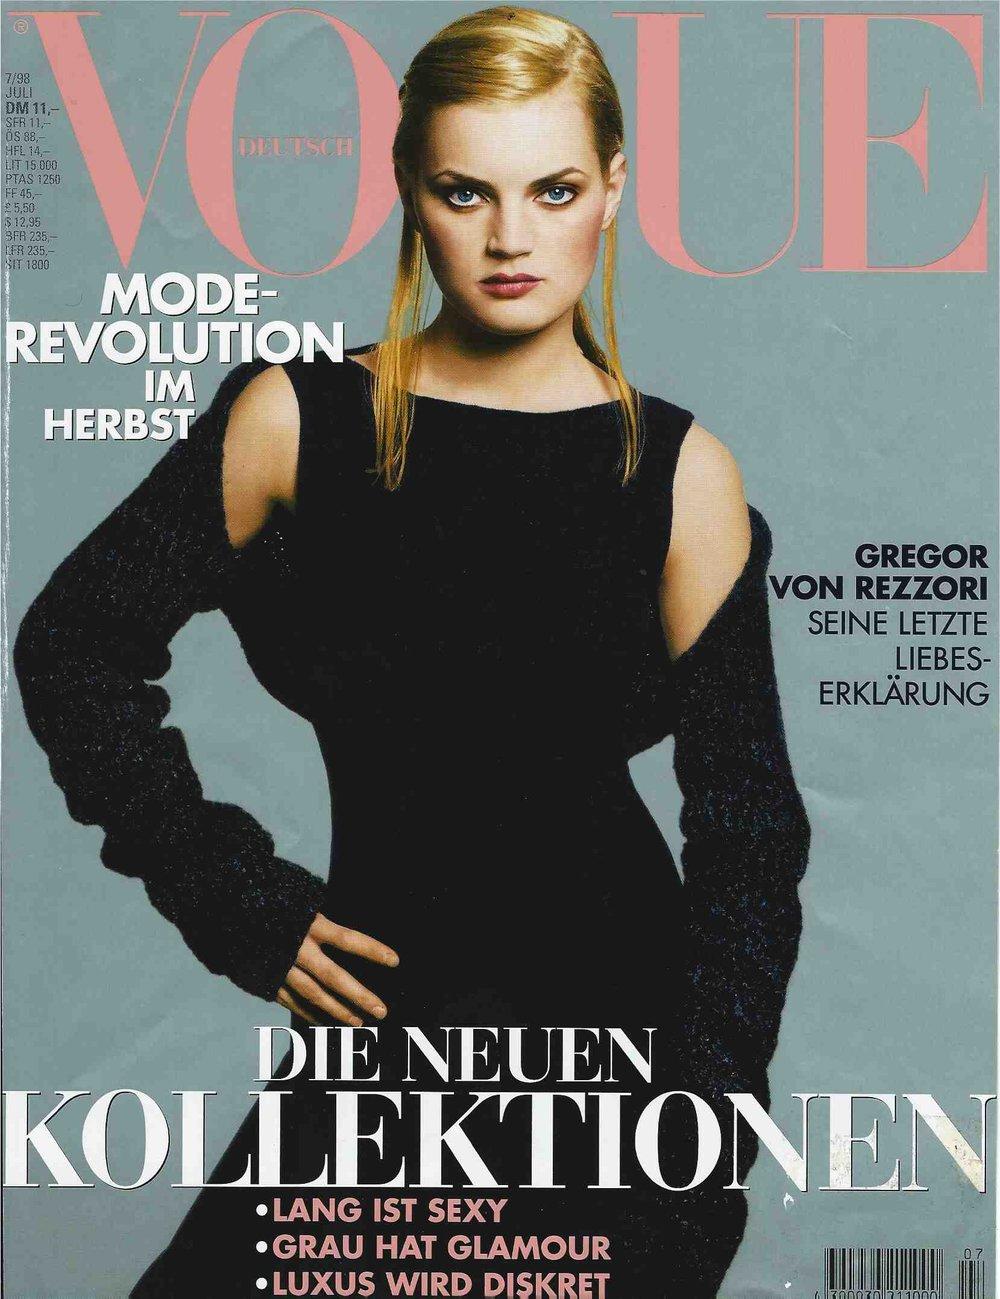 Mark Abrahams - German Vogue Cover - Genevieve Van Seenus copy.jpg